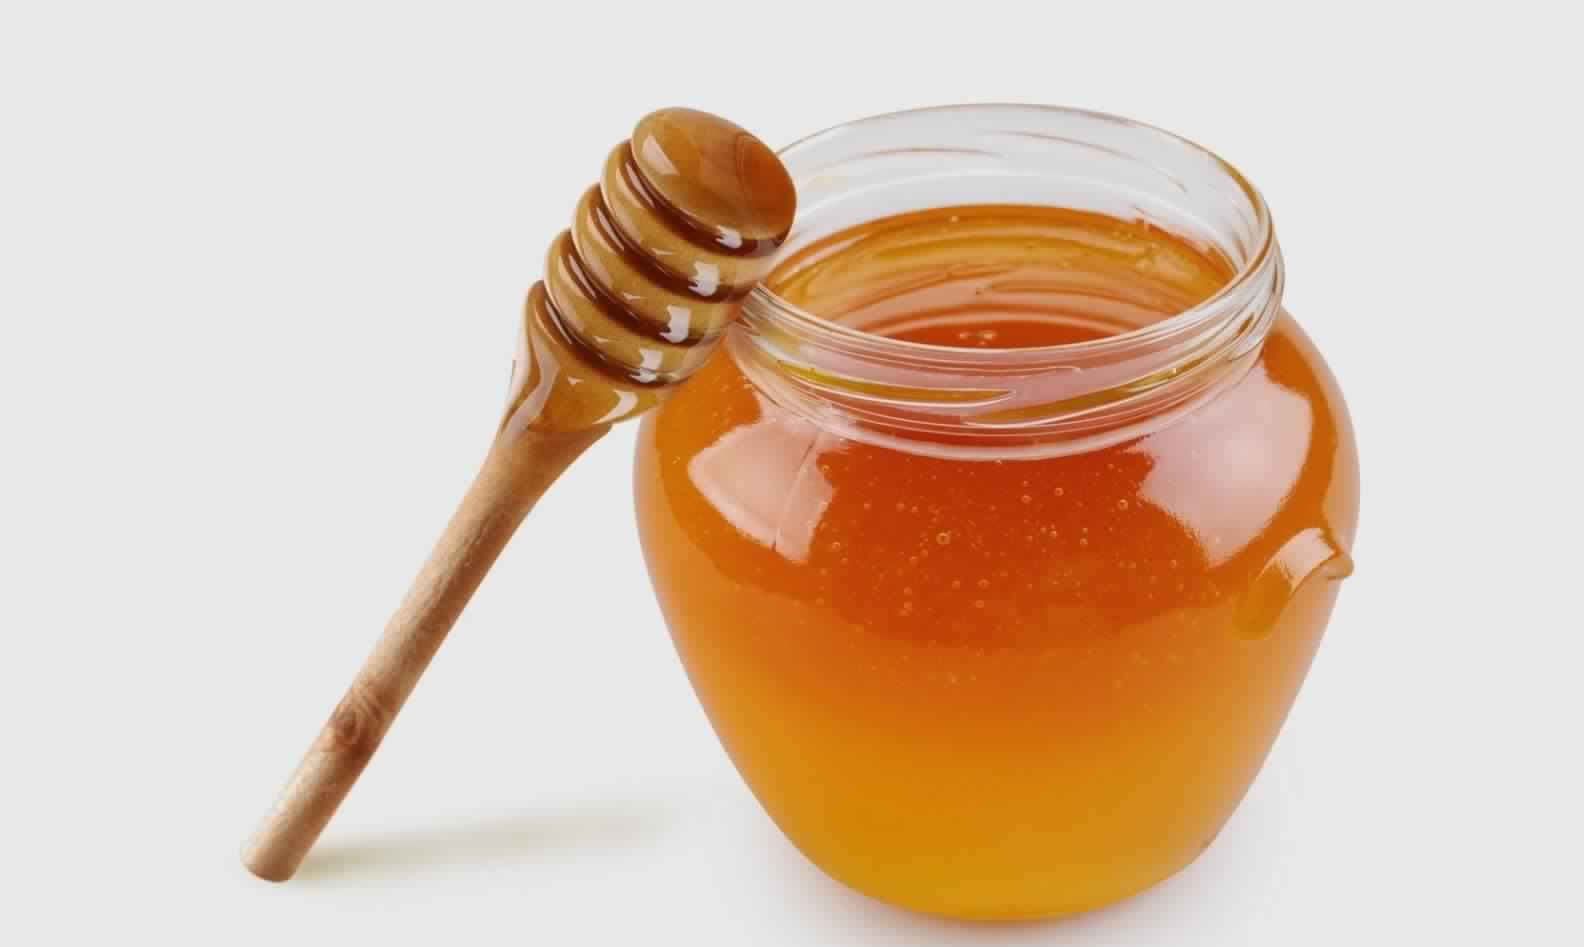 محلات بيع العسل في الرياض